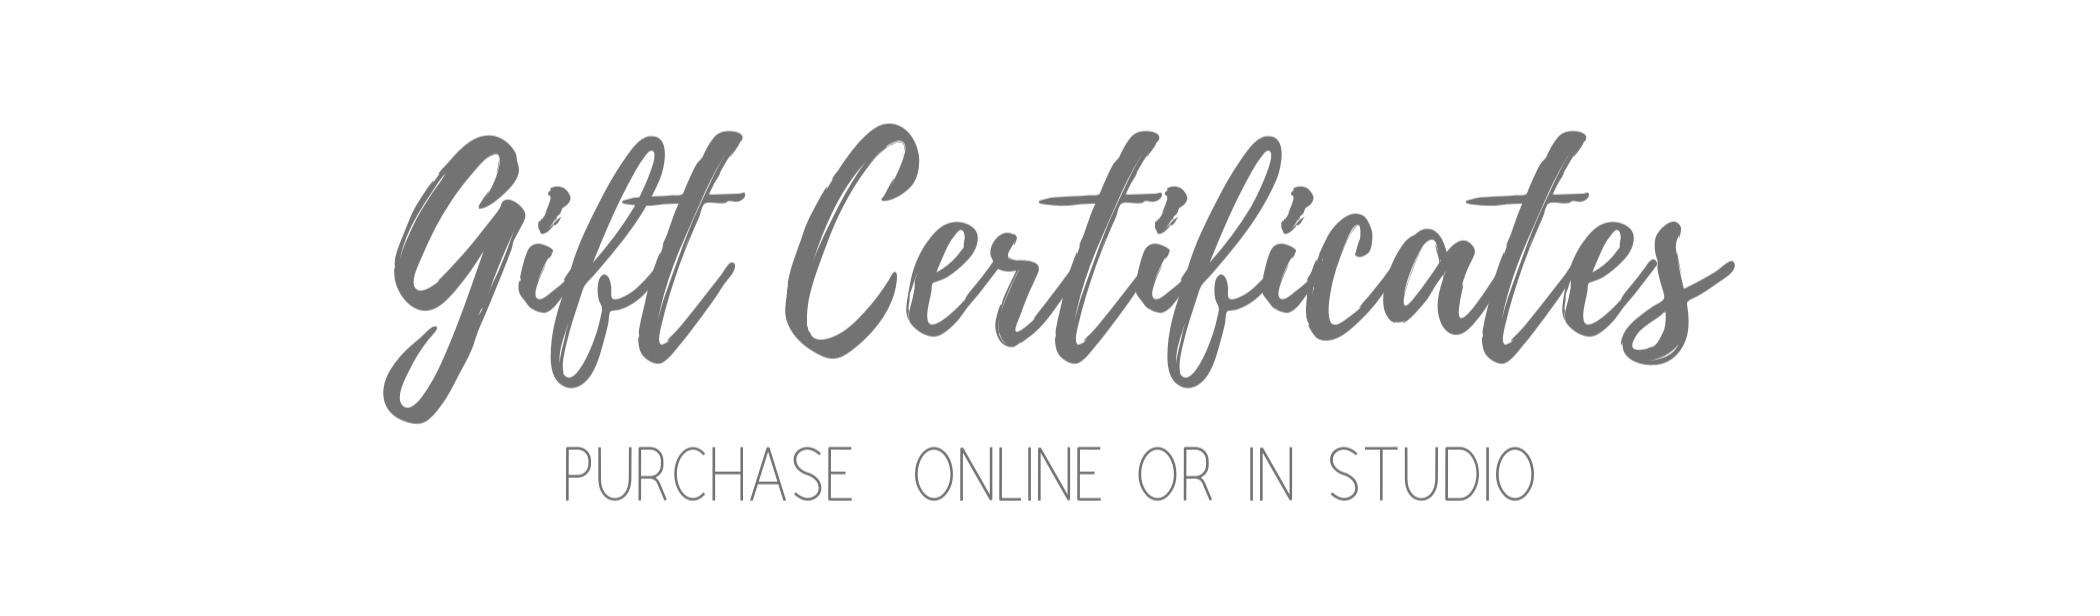 Gift+Certificates.jpg